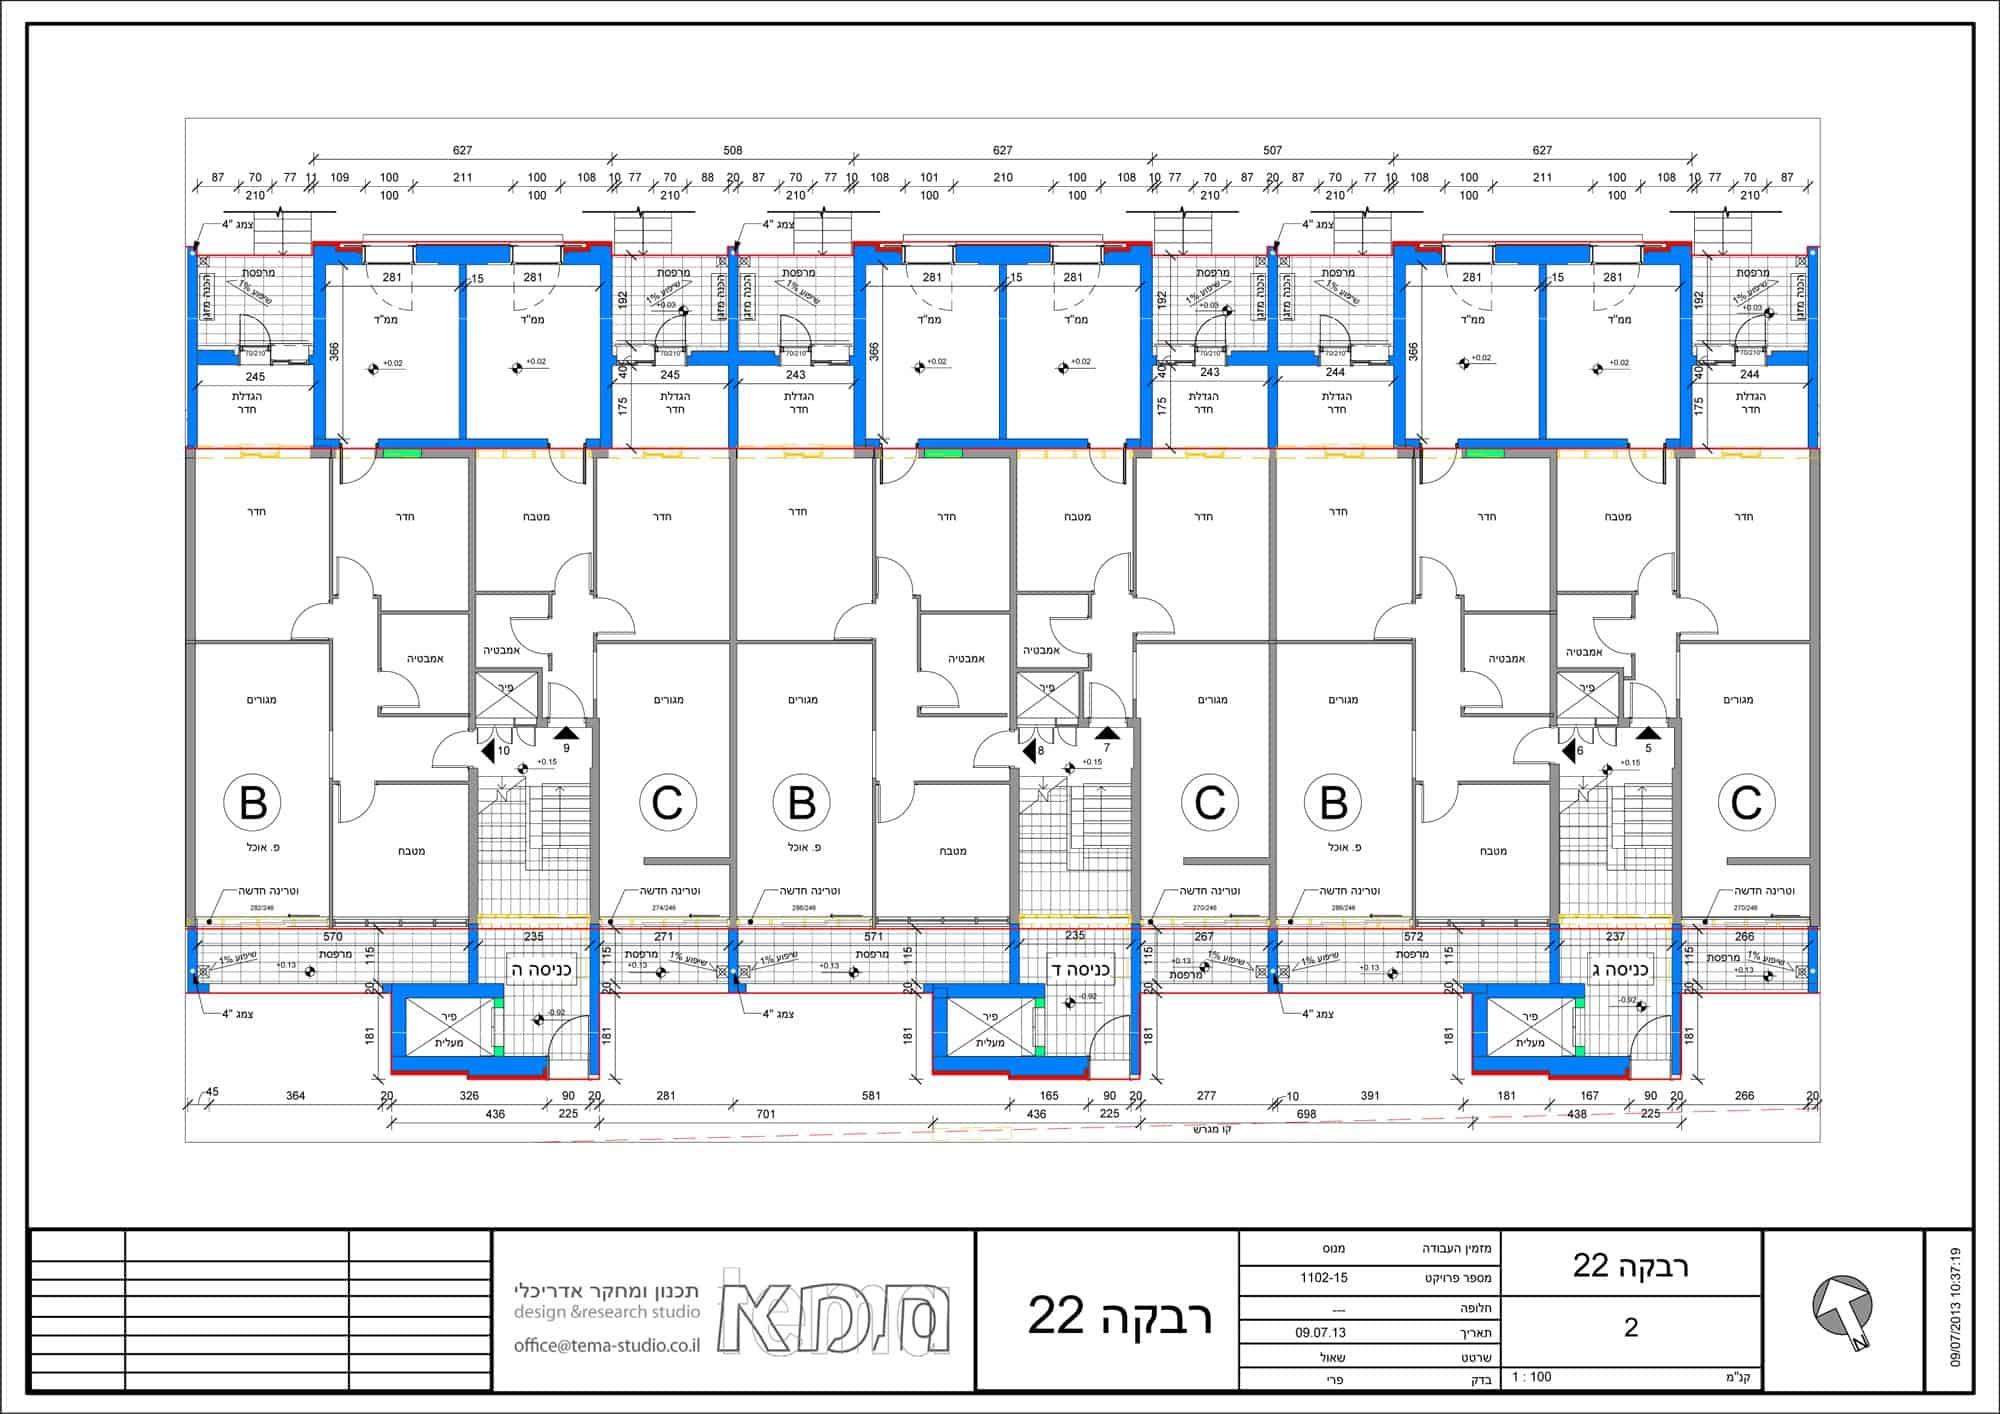 רבקה 22, ירושלים - תוכנית קומה טיפוסית, כניסות ג-ה